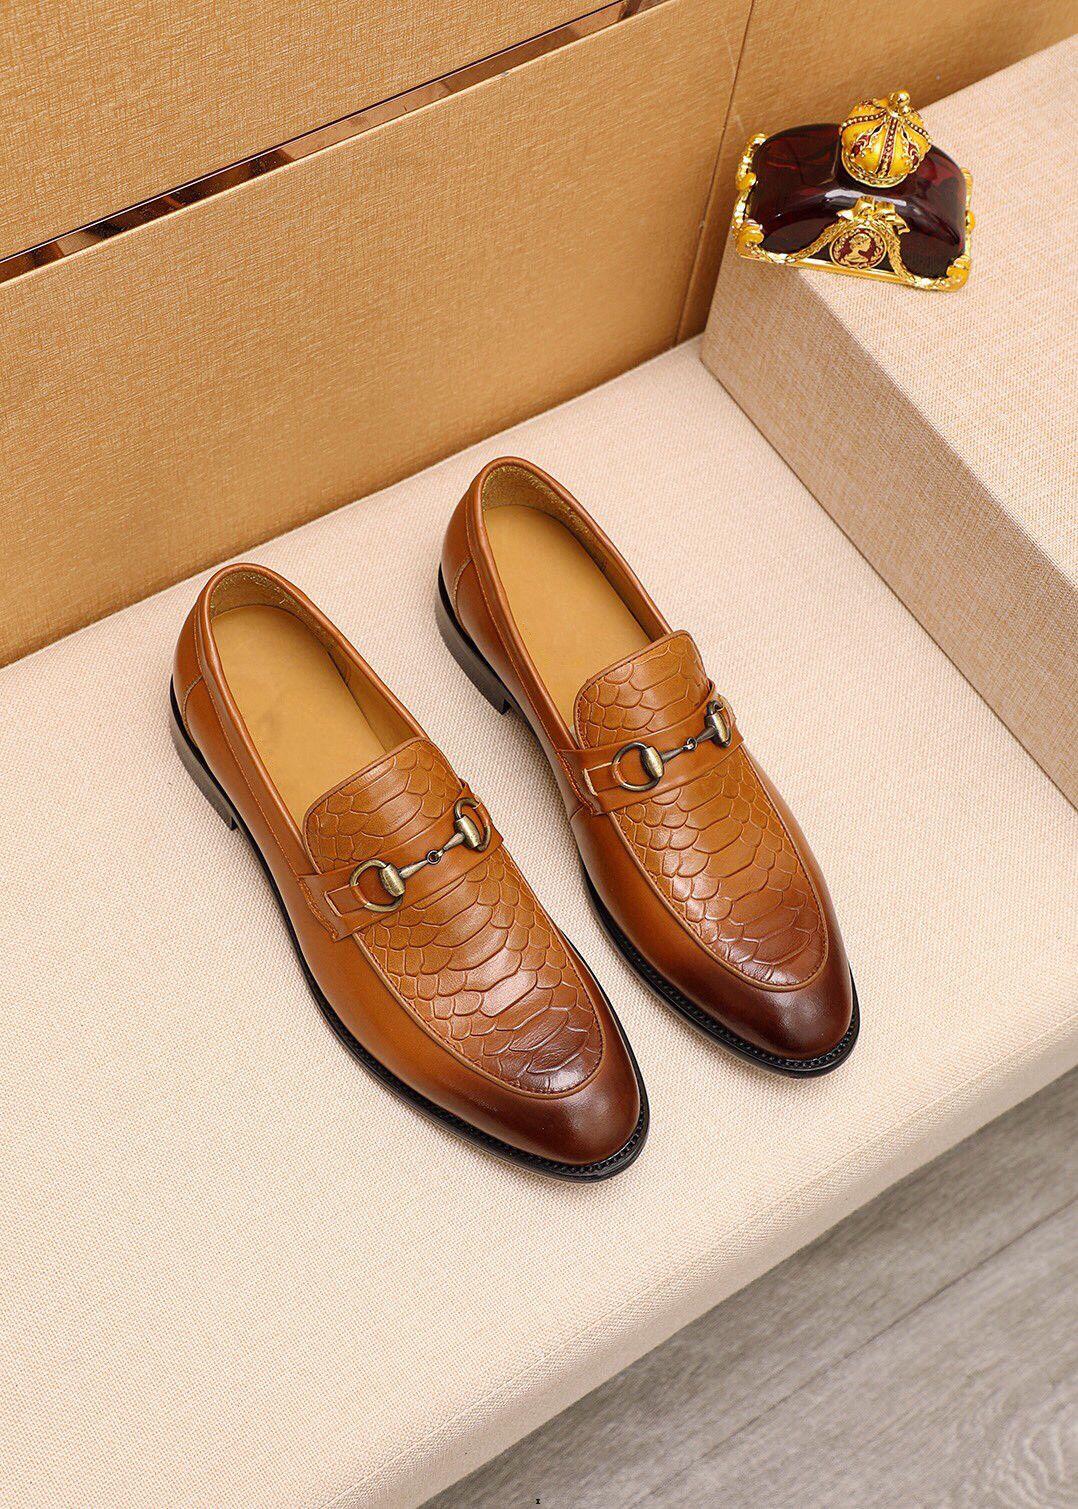 Slip on Designer Men Formal Shoes Business Abito da uomo in pelle da uomo in pelle da uomo scarpe eleganti vestito da ufficio scarpe caldi mocassini caldi